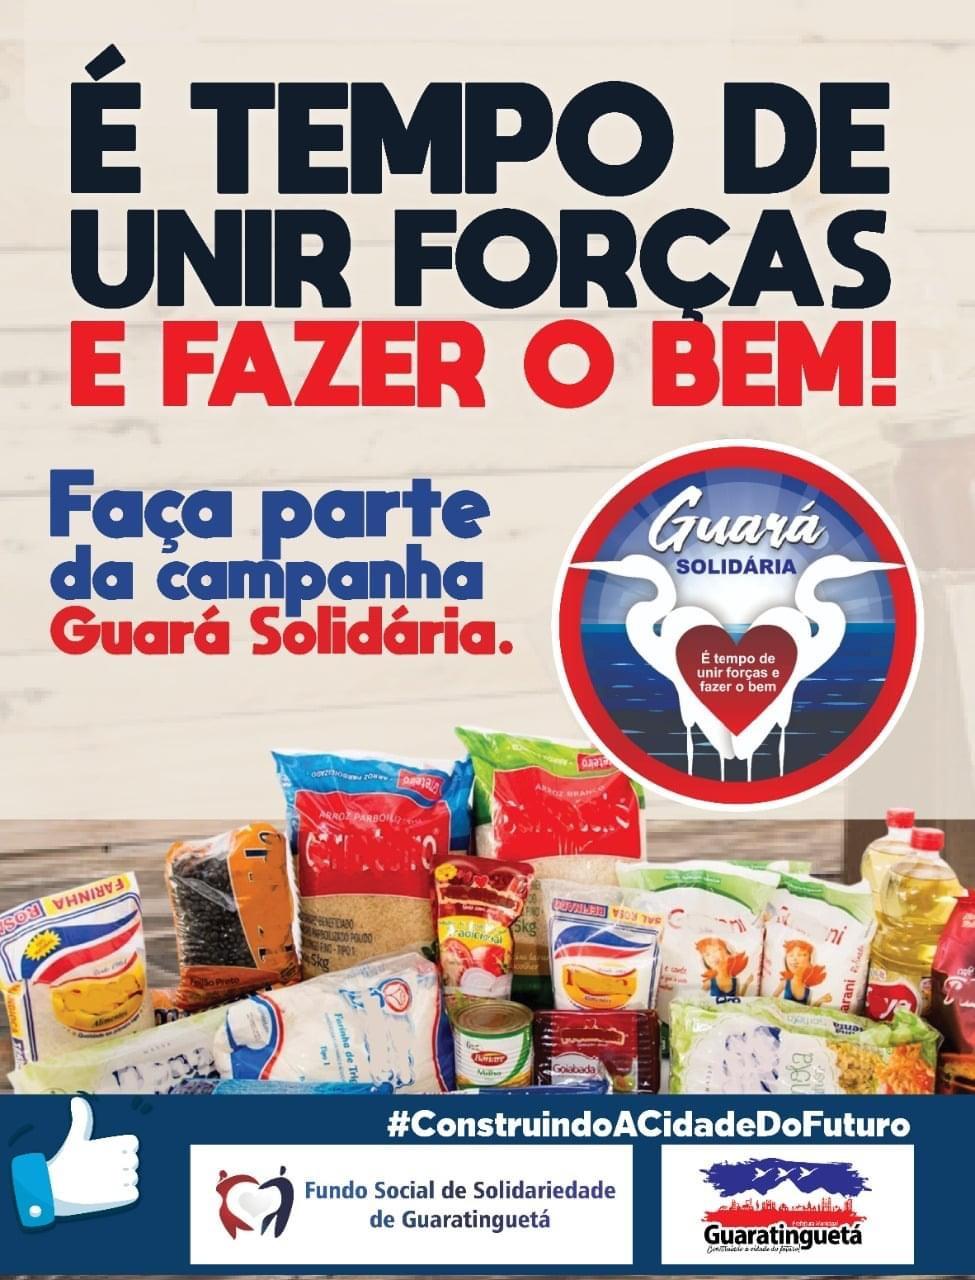 2ª edição da Campanha Guará Solidária já se iniciou